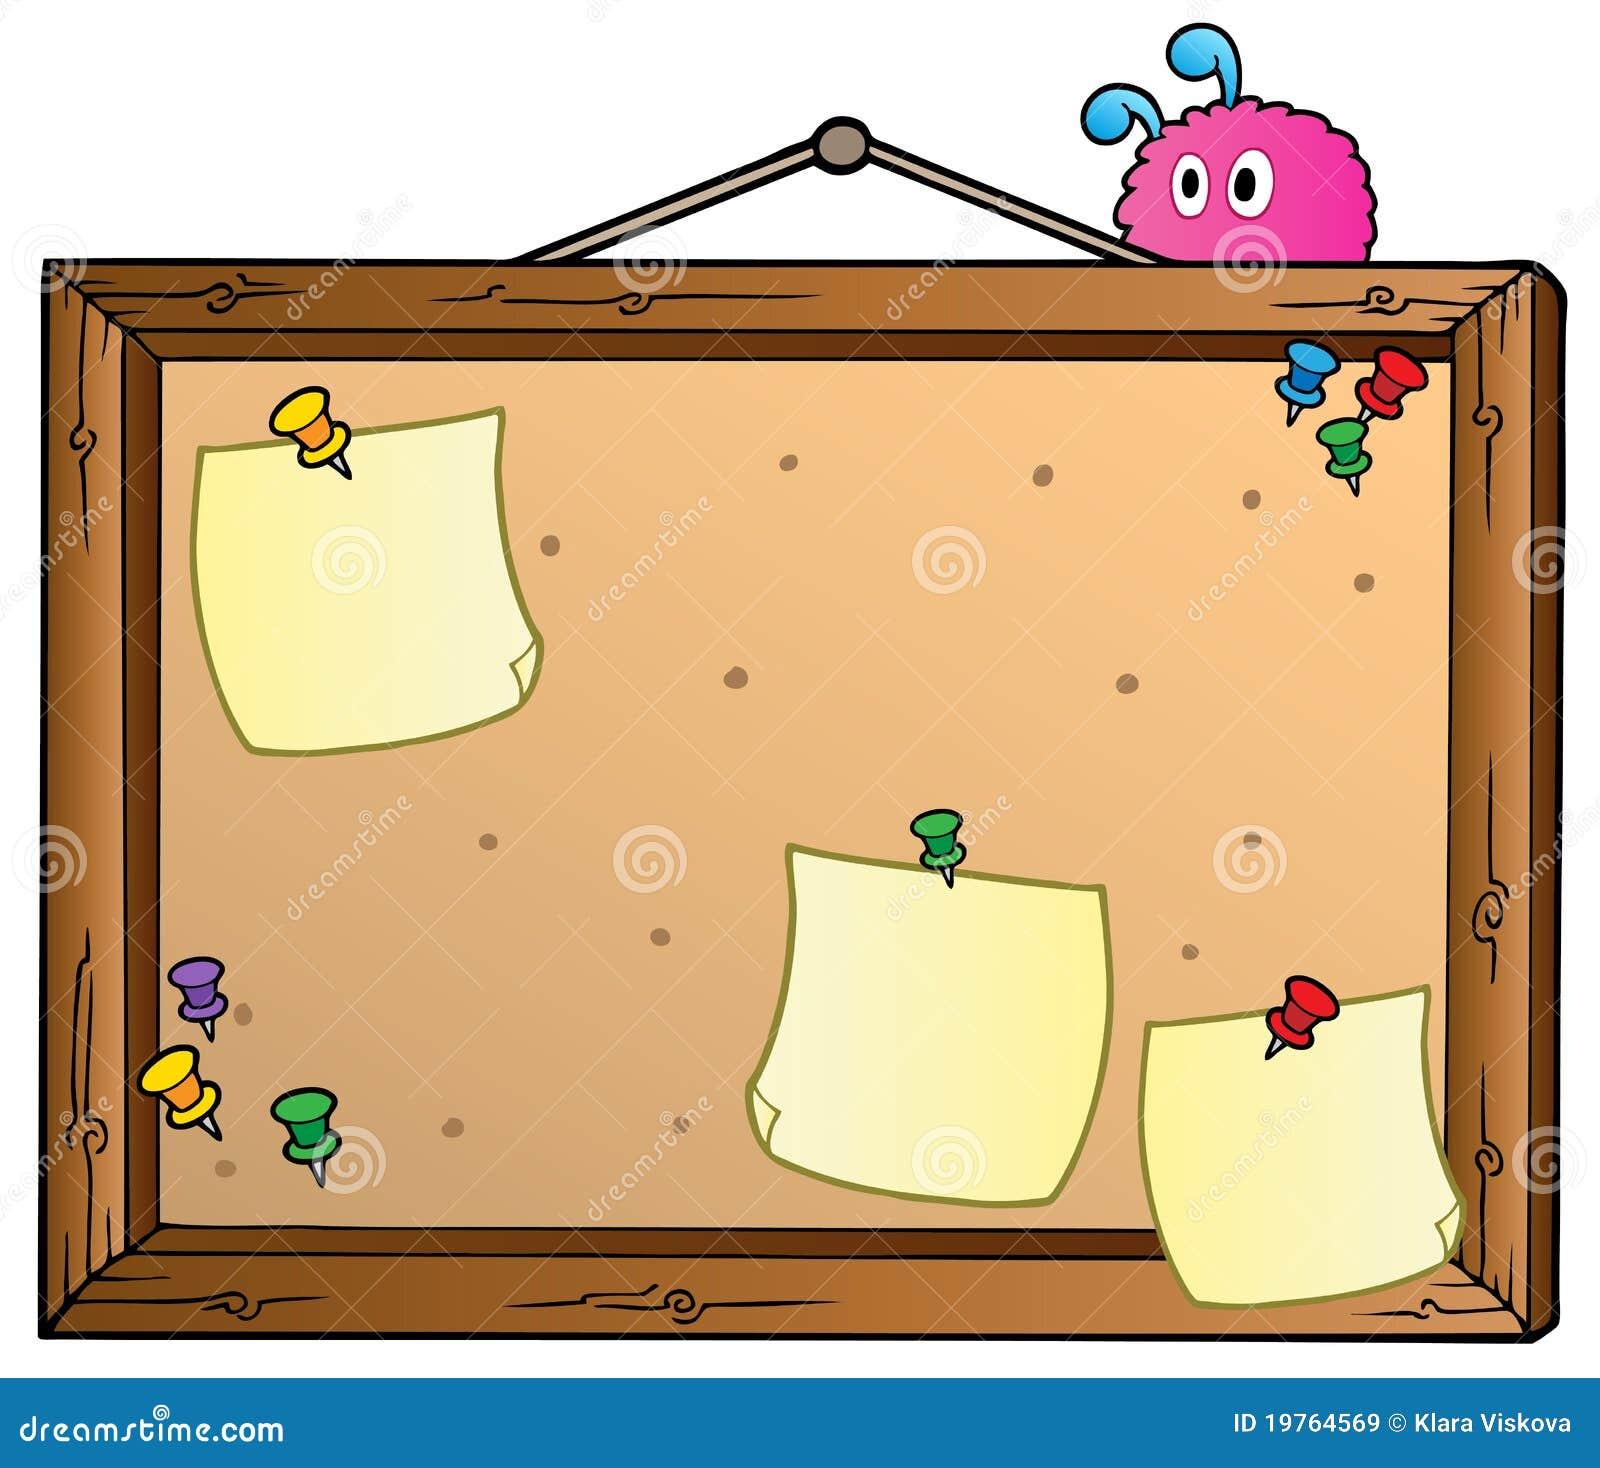 tableau d 39 affichage de dessin anim images libres de droits image 19764569. Black Bedroom Furniture Sets. Home Design Ideas